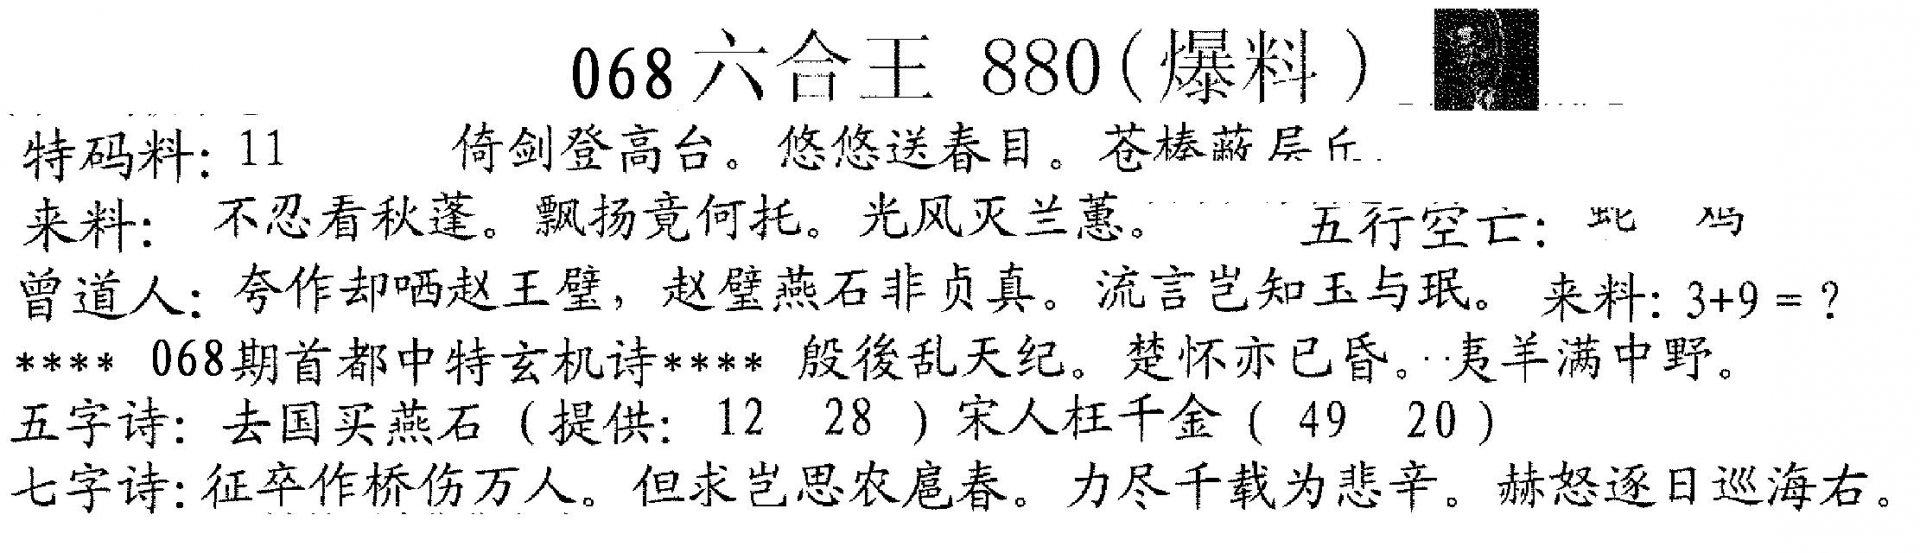 068期880来料(黑白)